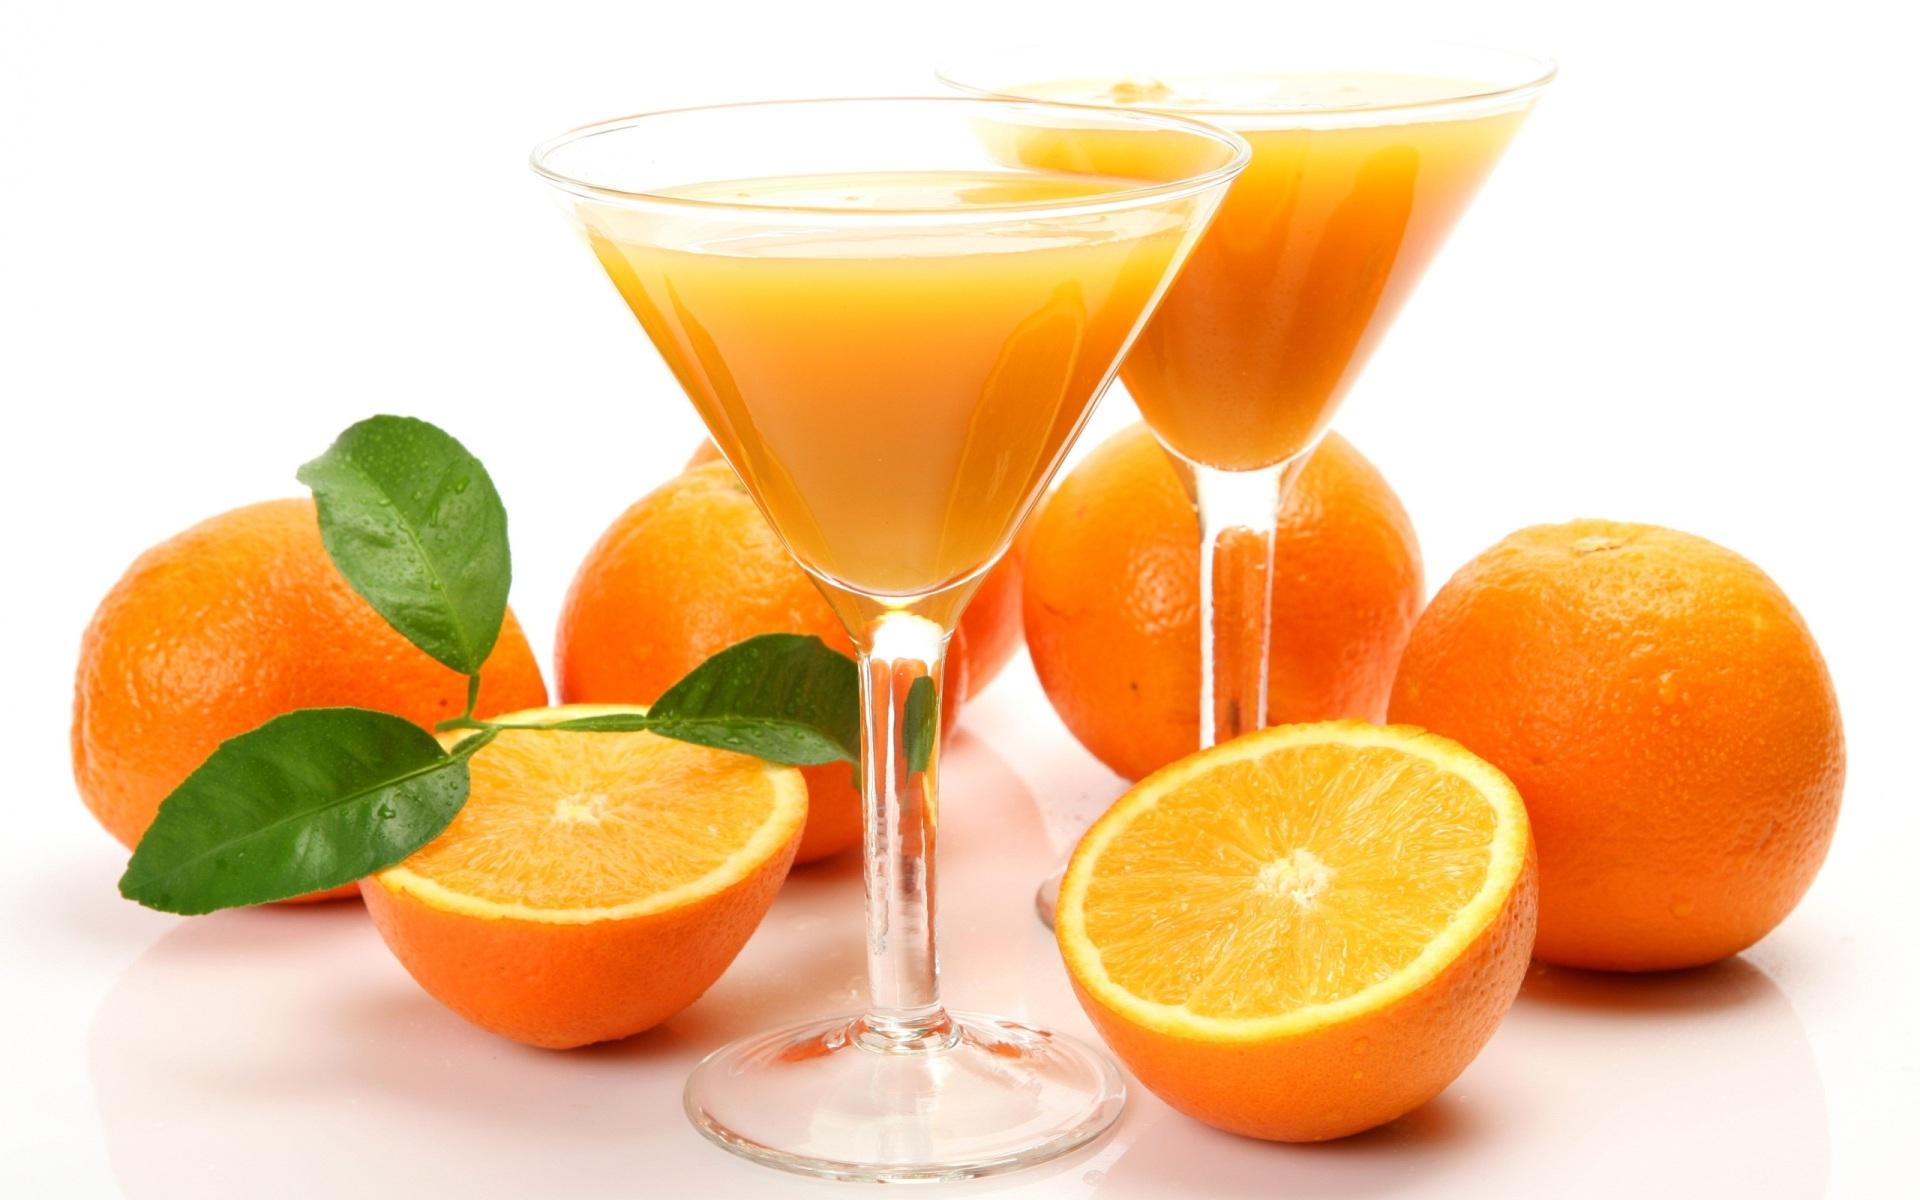 بالصور عصير البرتقال في الحلم 12560